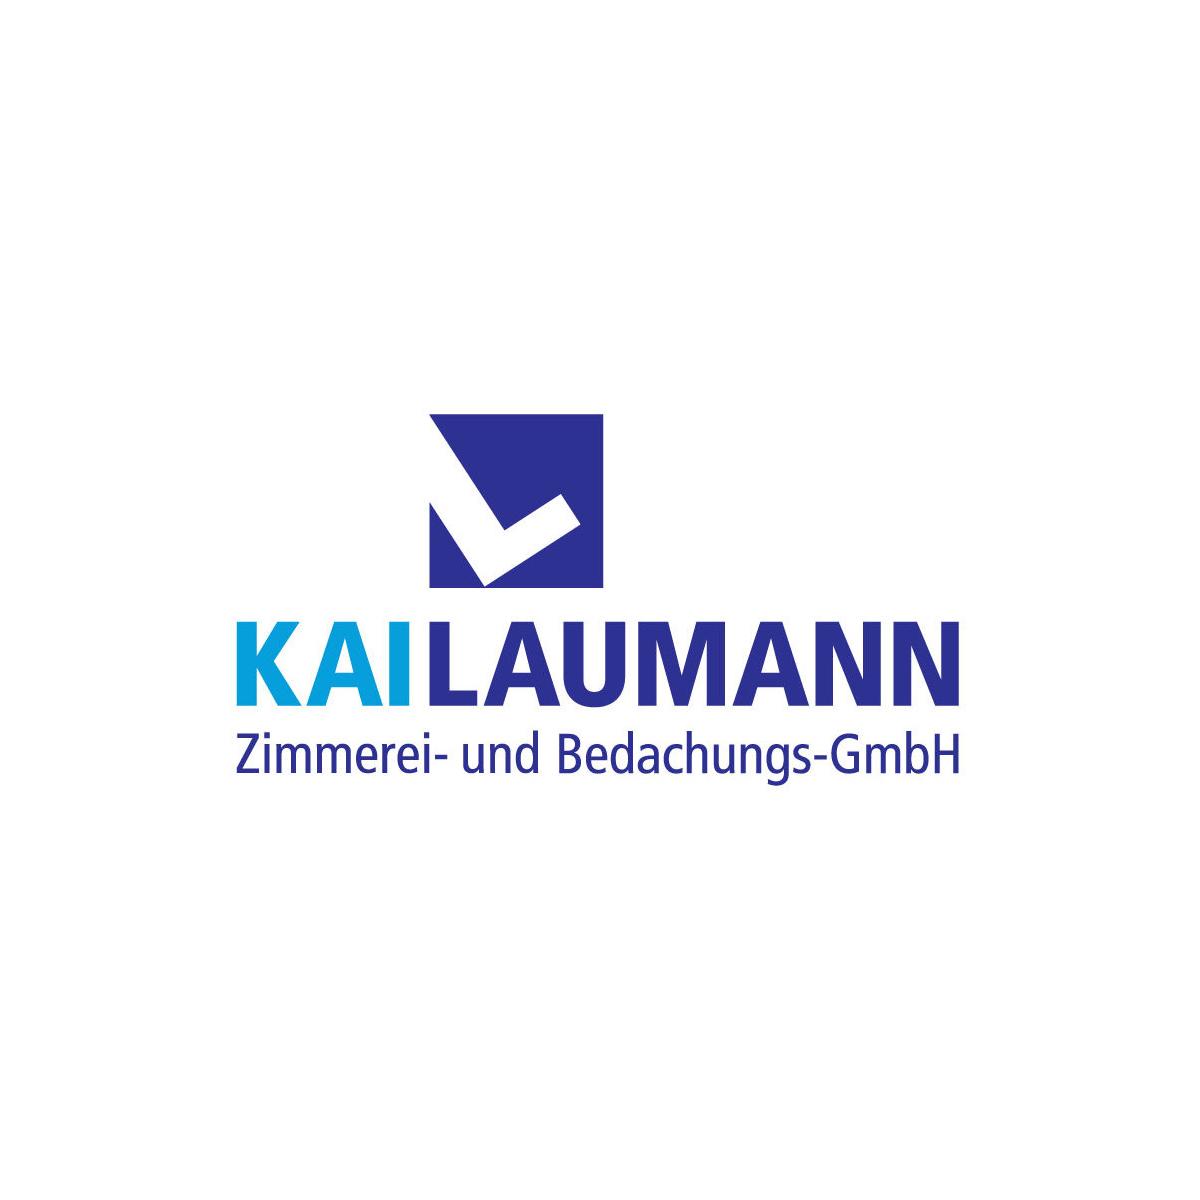 Kai Laumann